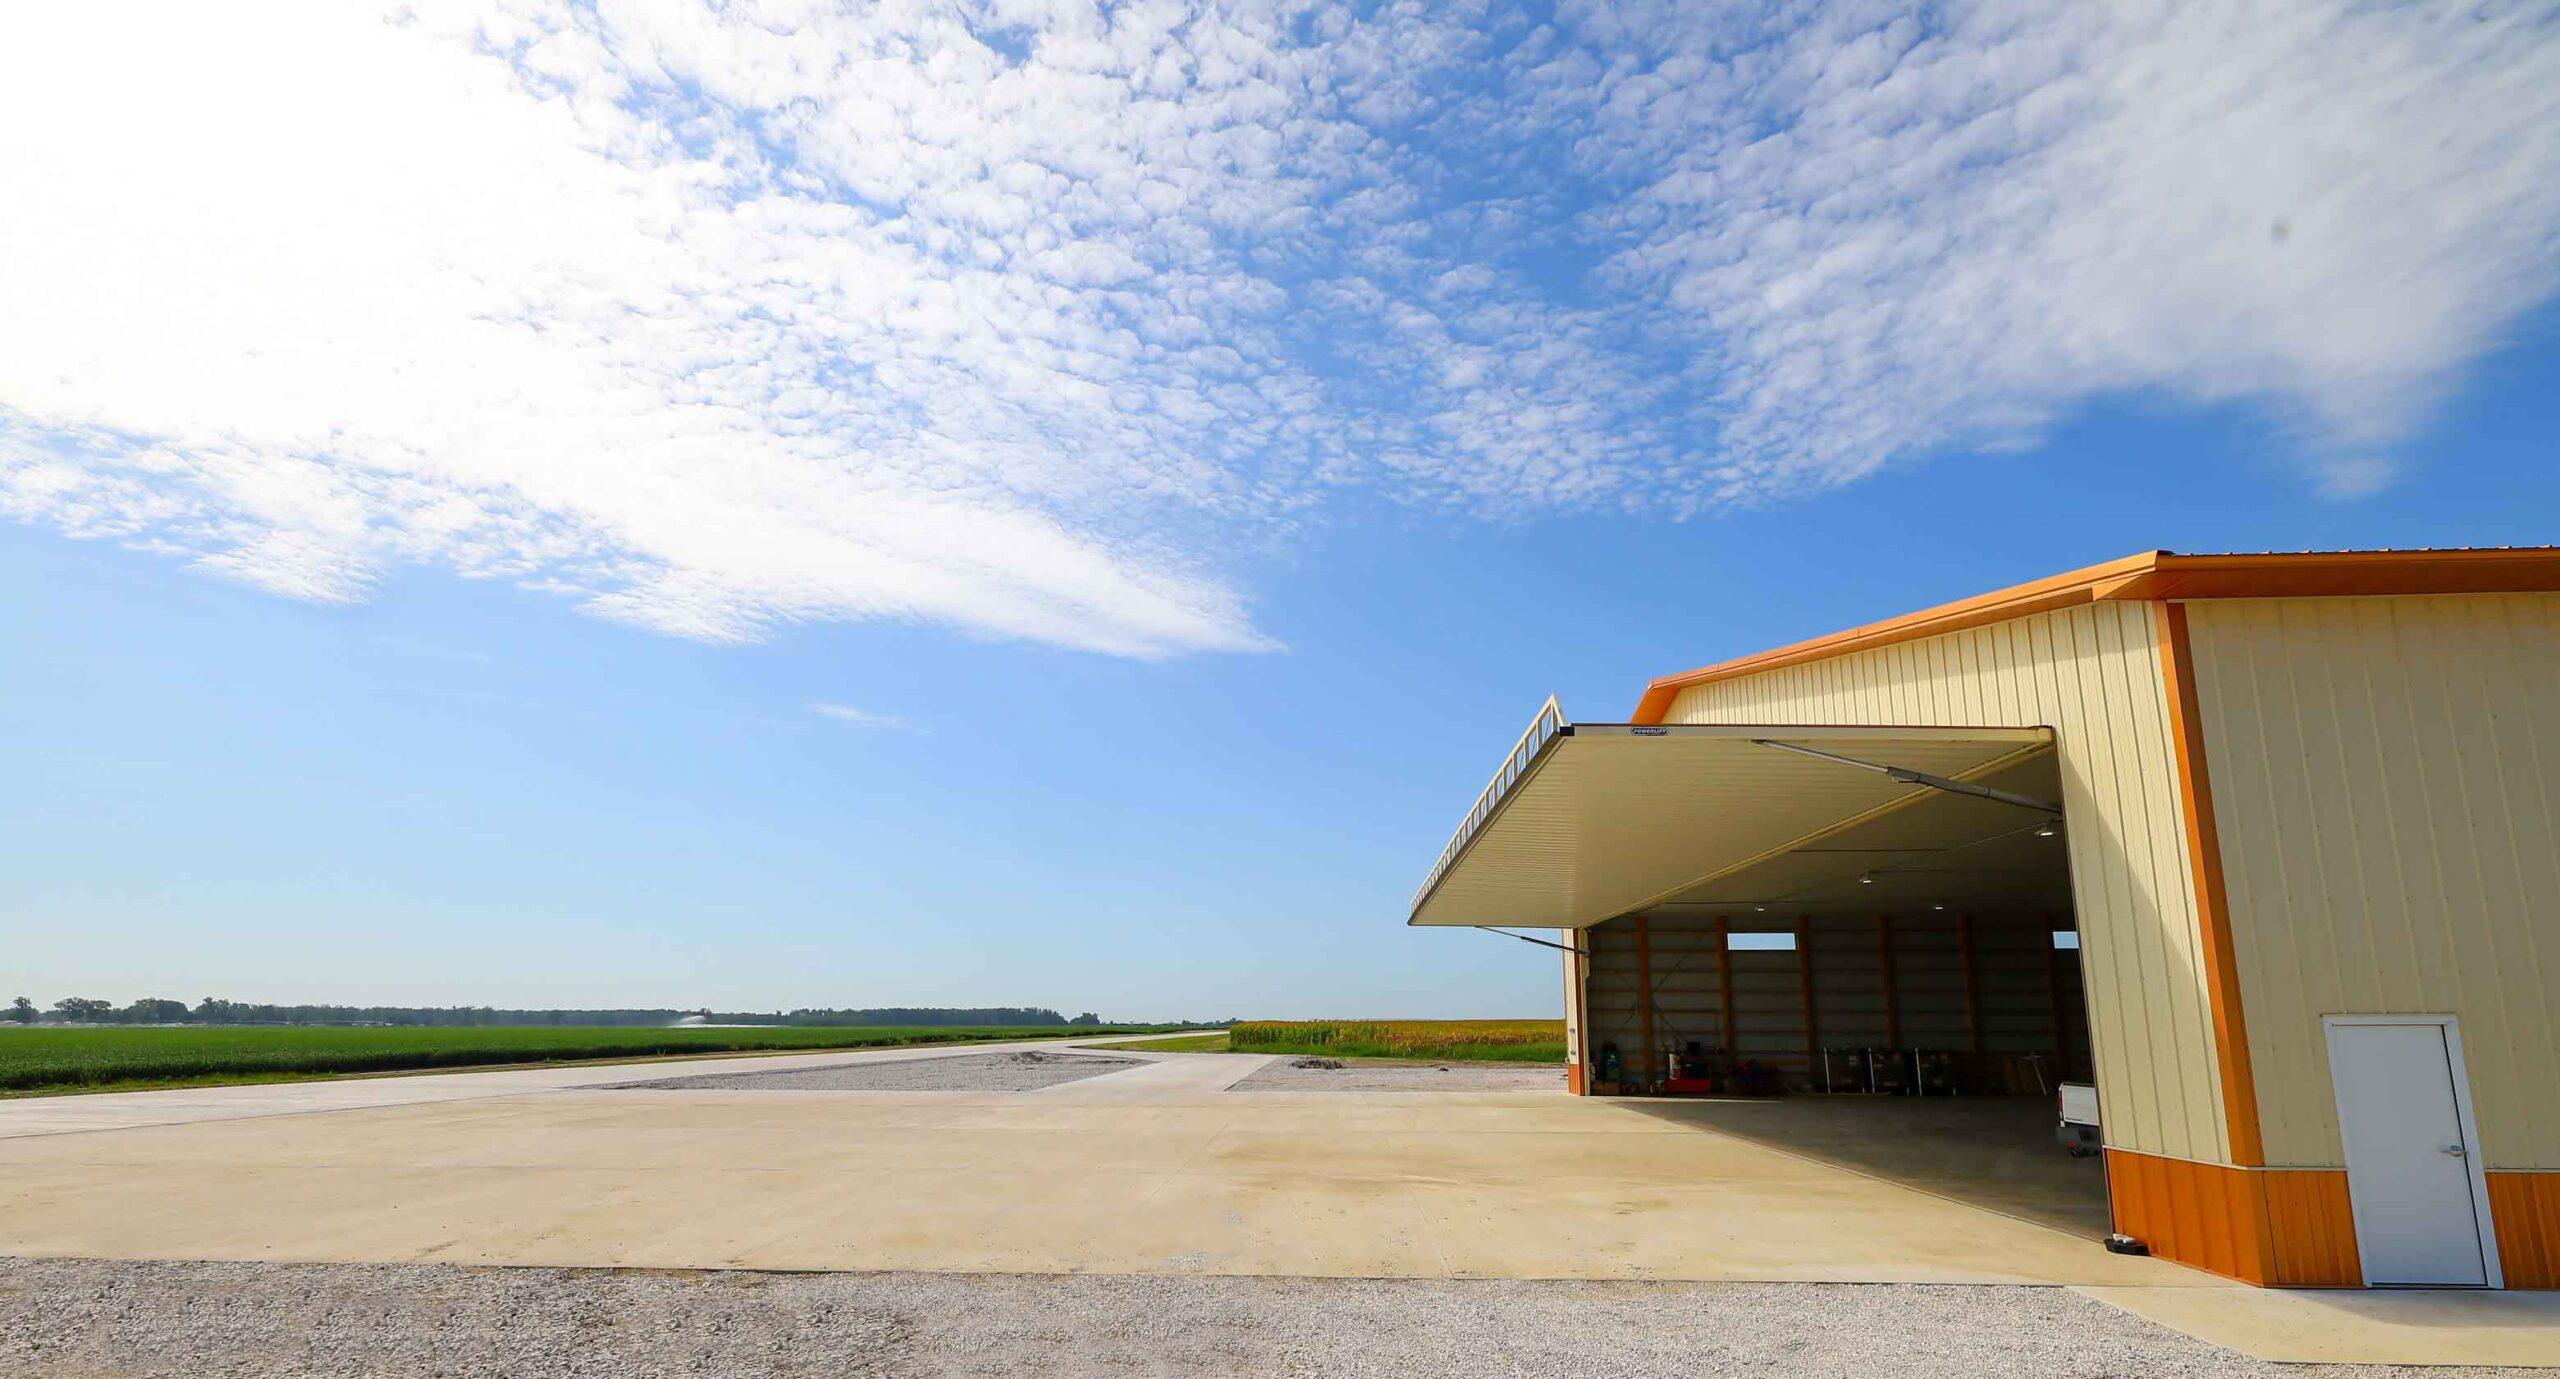 New airport, first hangar features large PowerLift door.